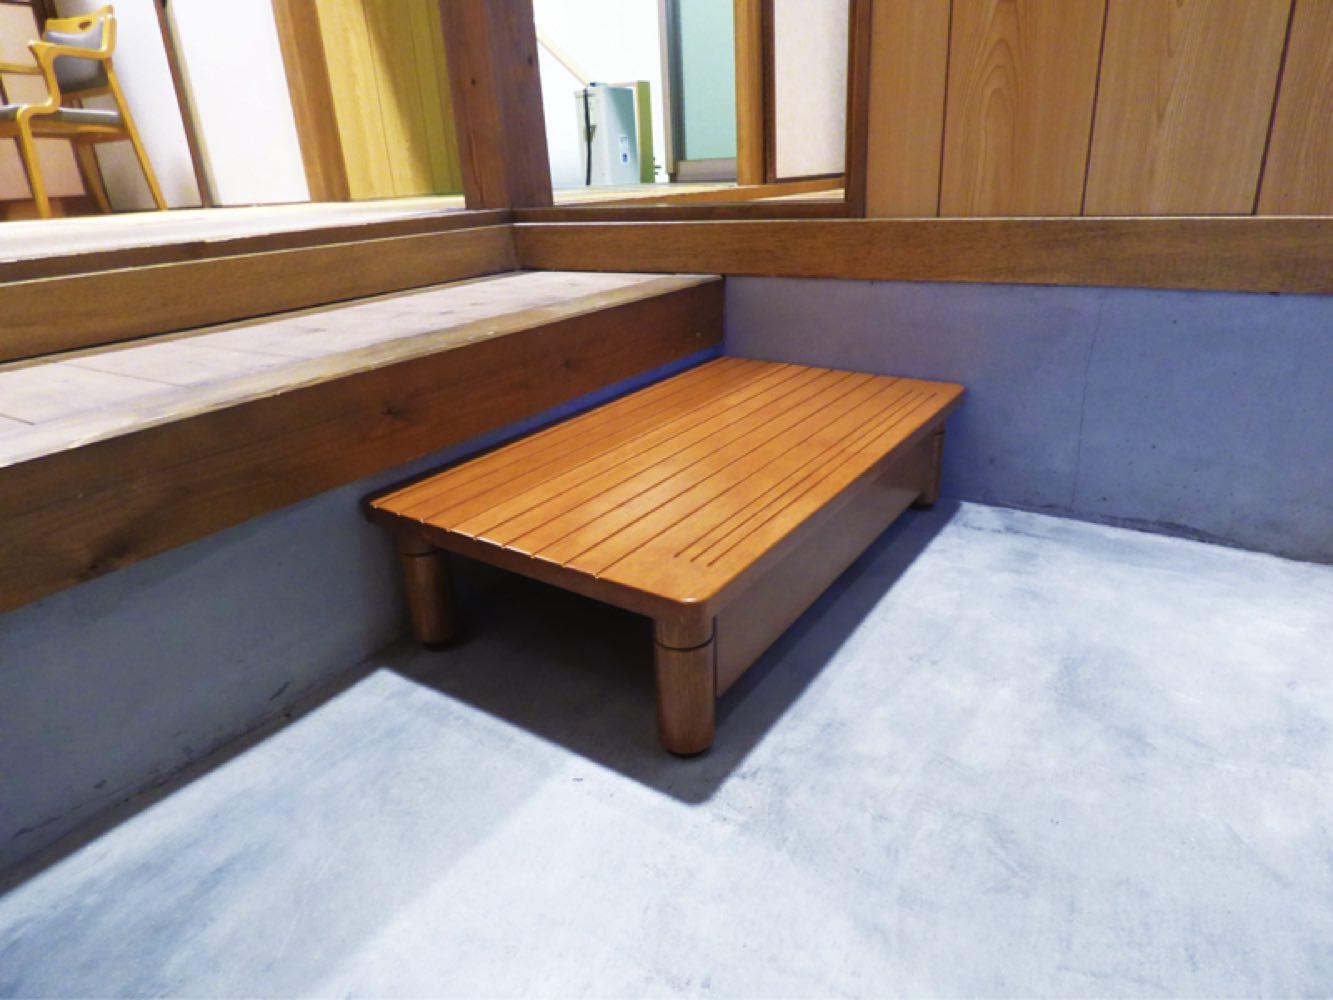 【パナソニックエイジフリー】木製玄関ステップ 奥行350mm踏み台/玄関/安全/階段/住宅改修/高齢者/お年寄り